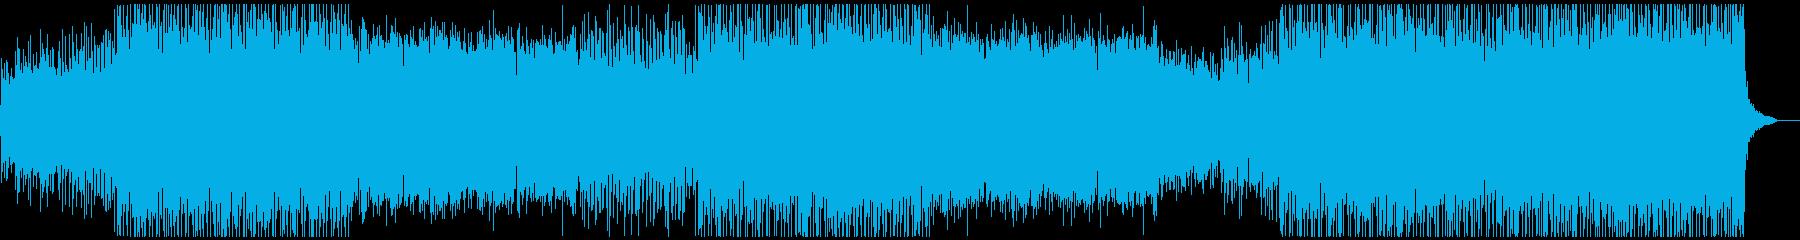 尺八メインの疾走感・激しい和風EDMの再生済みの波形